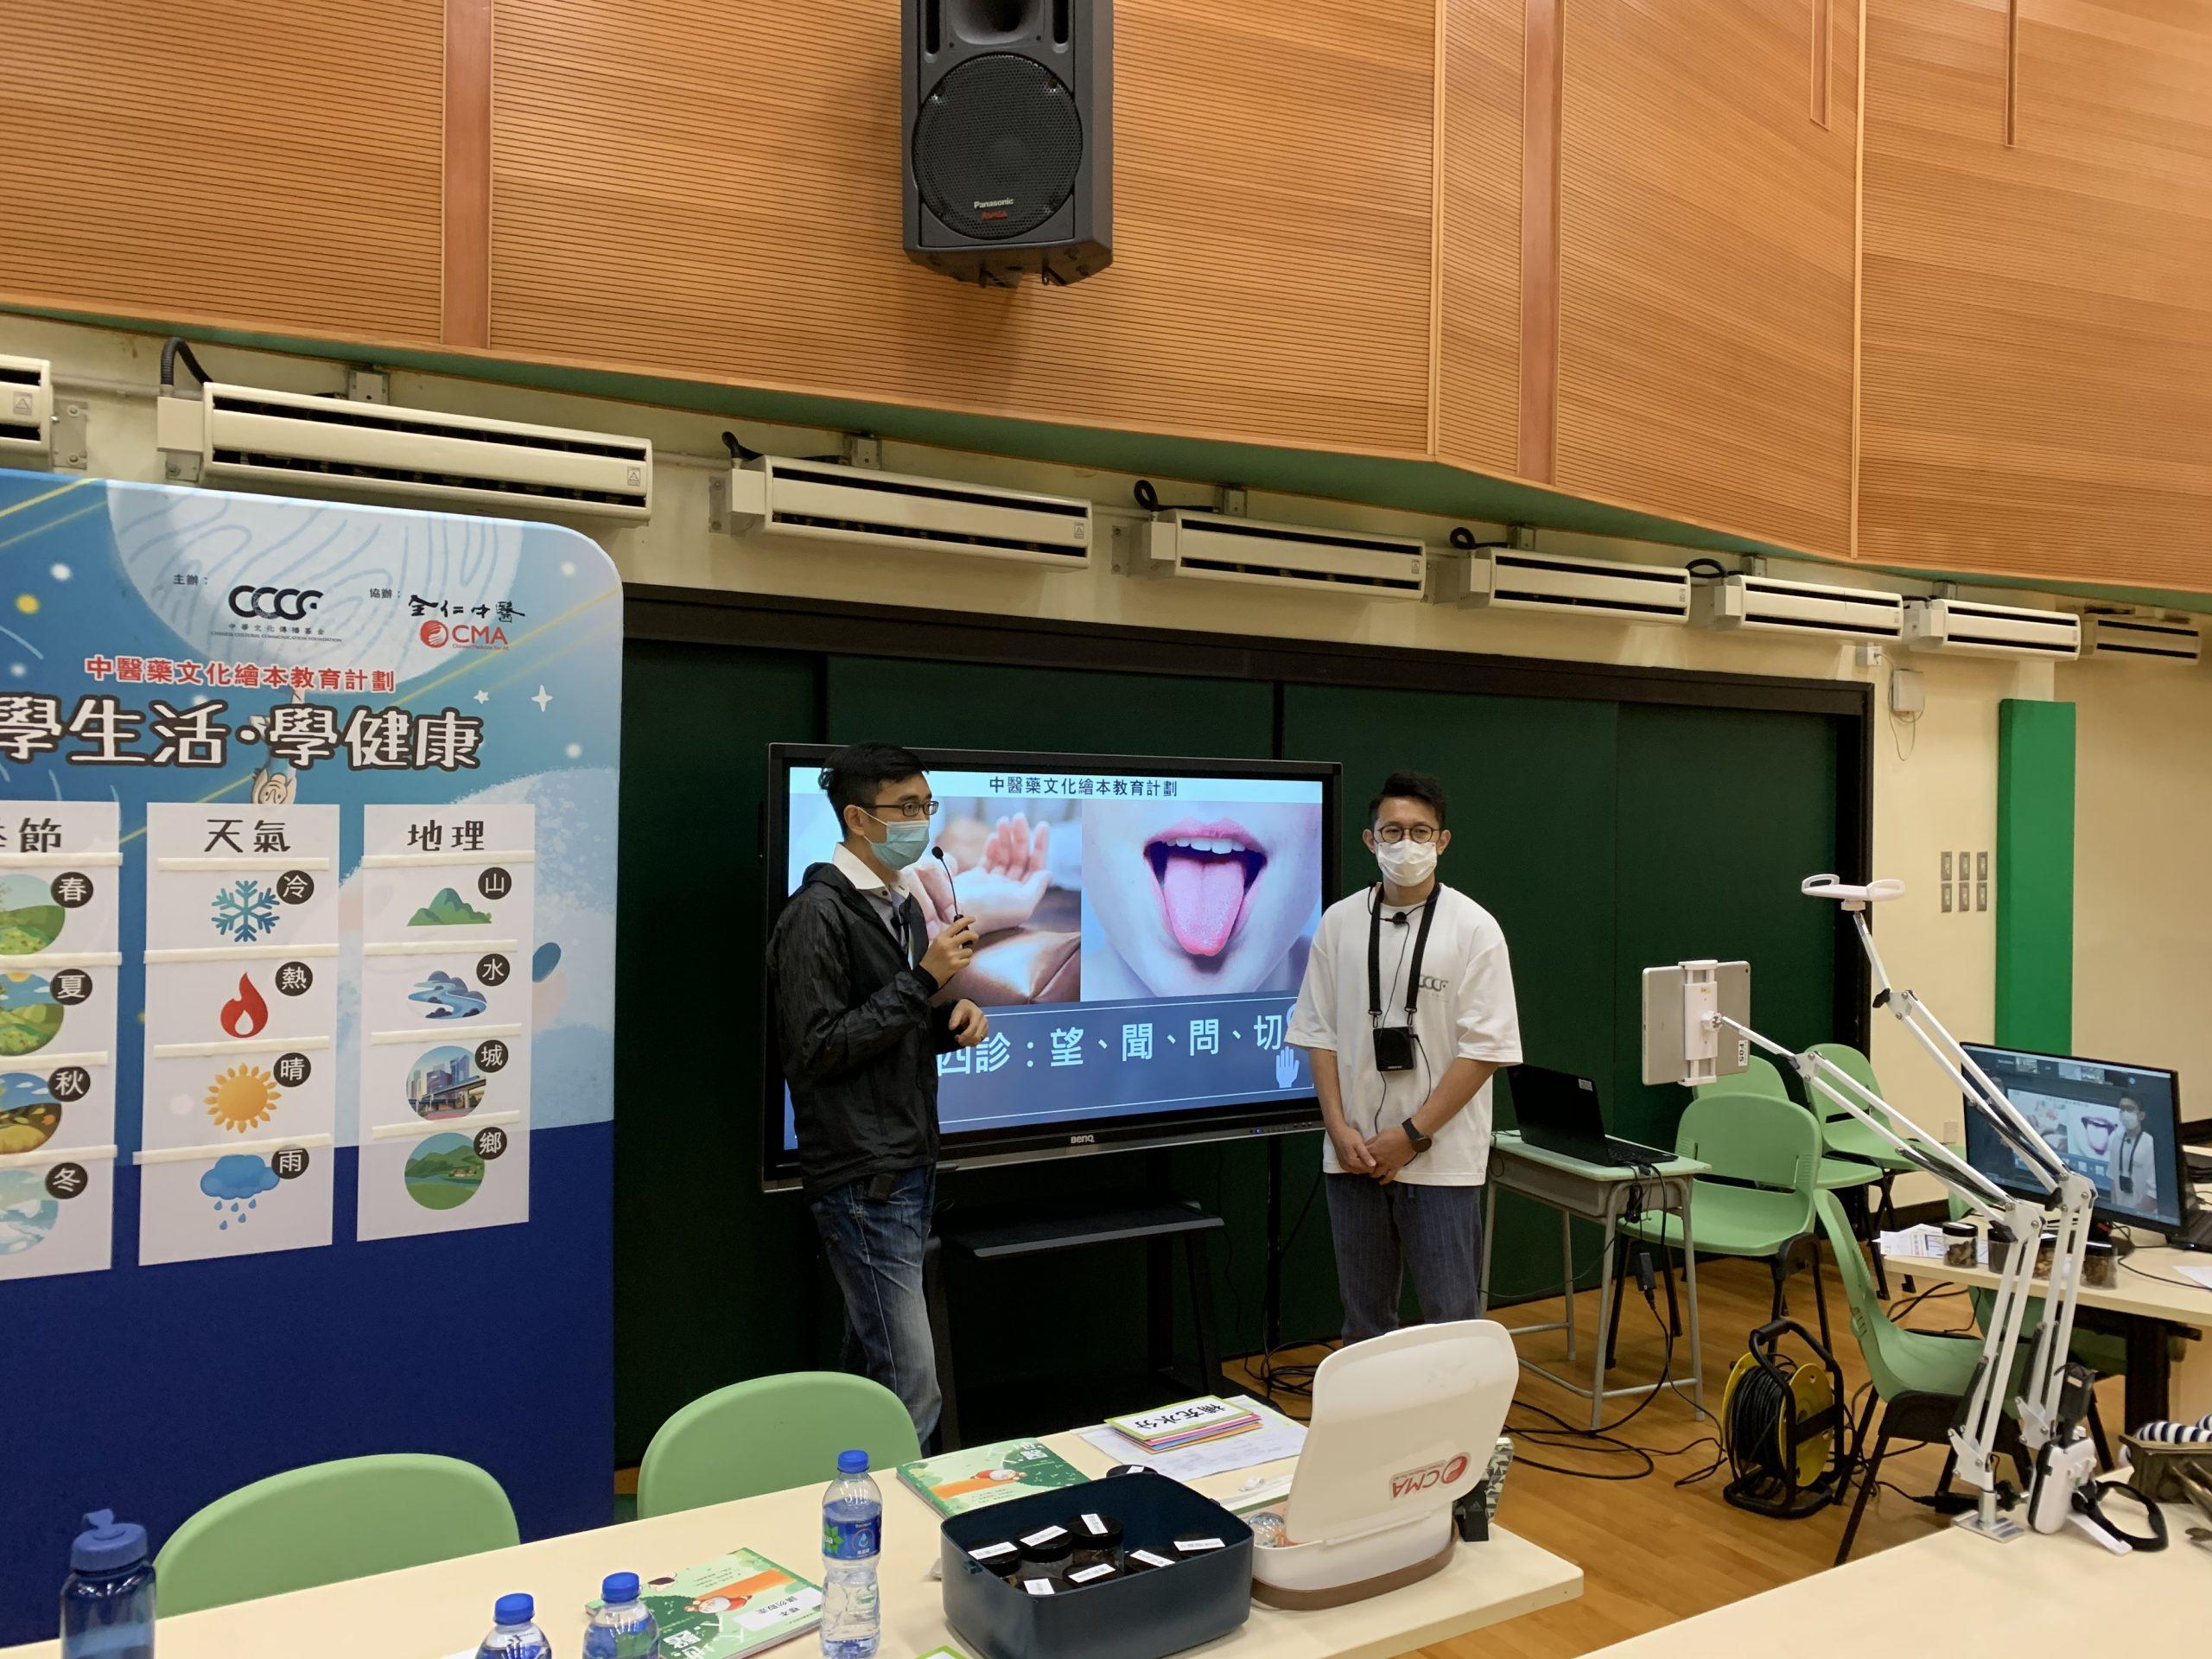 中醫講座 – 小學校訪活動 – 寶血會思源學校